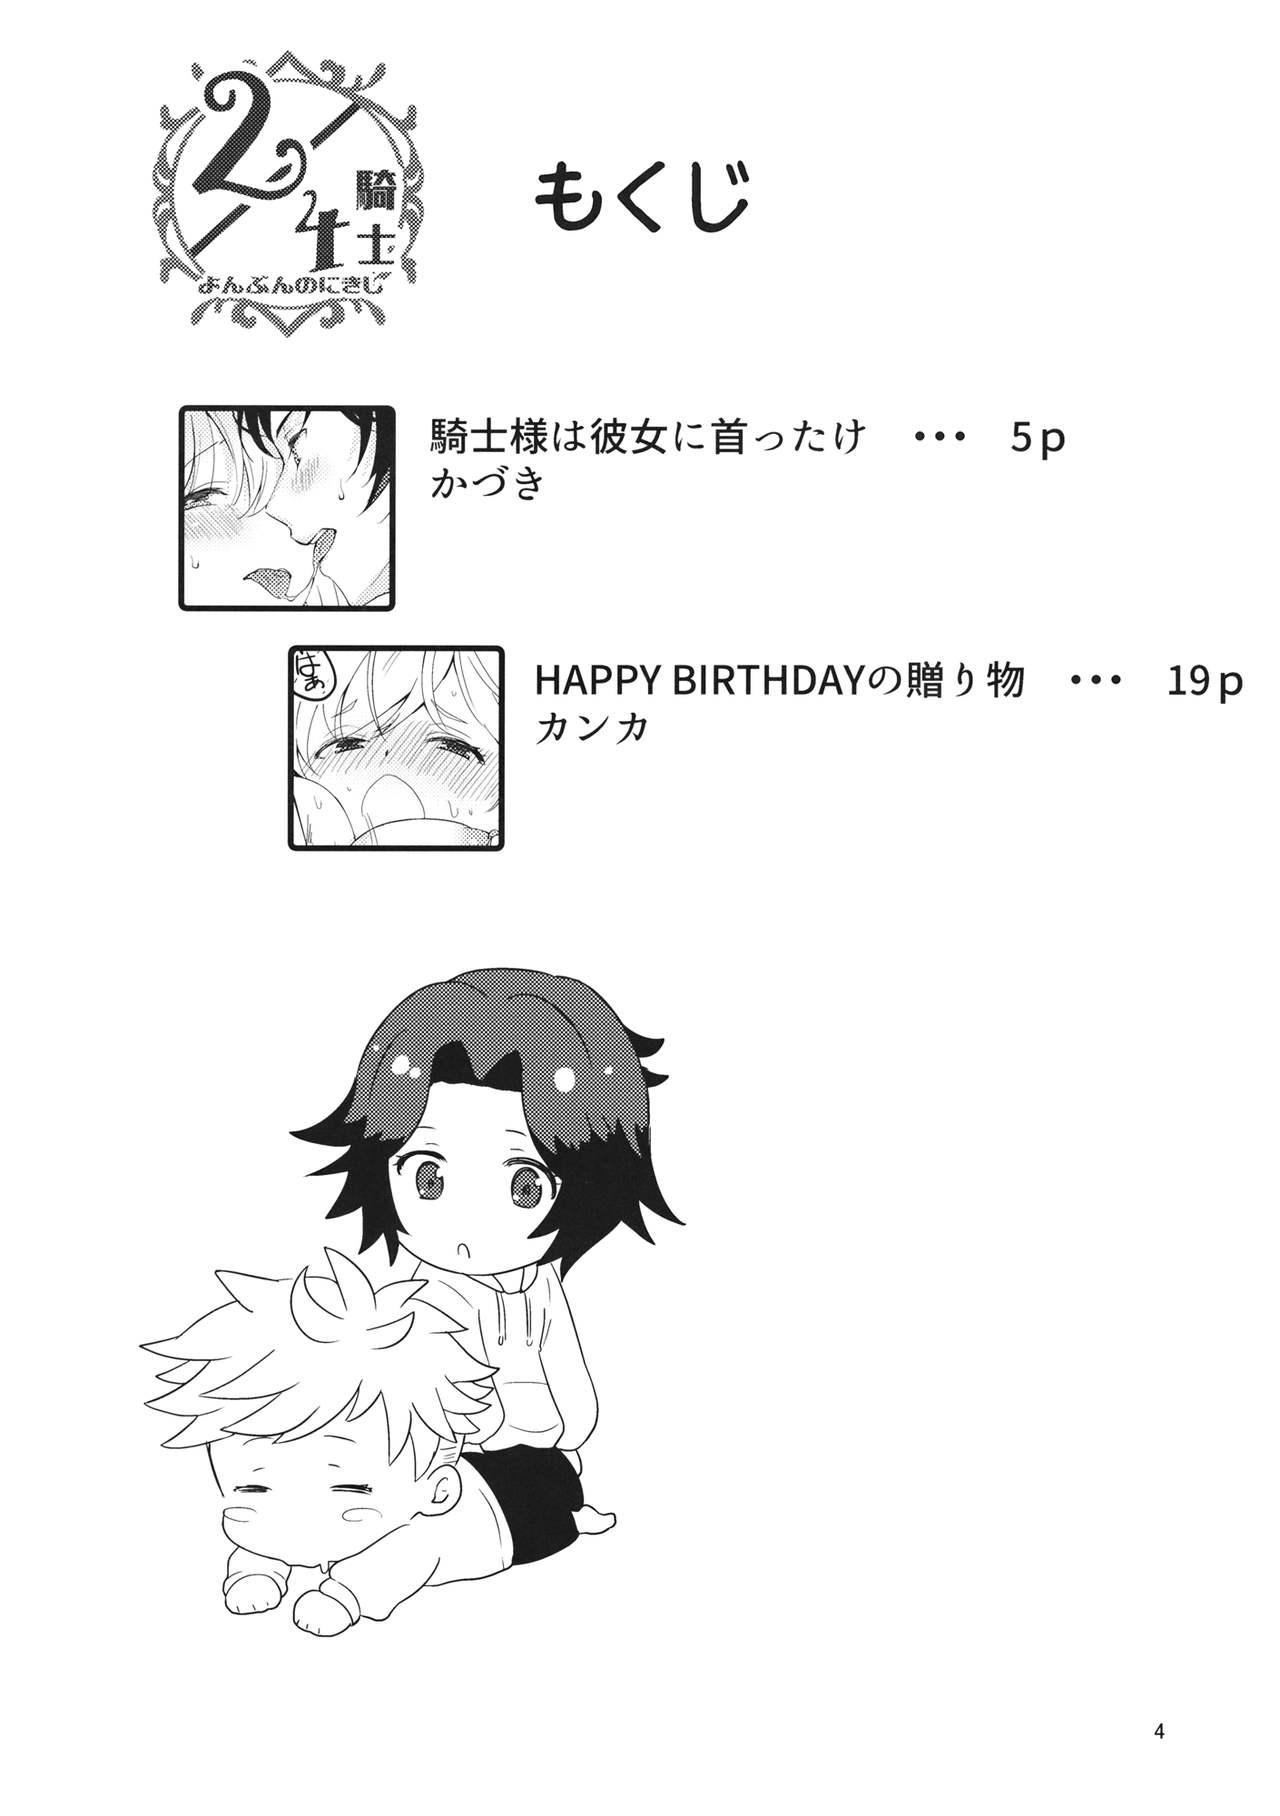 2/4 Kishi - Yonbun no Ni Kishi 3